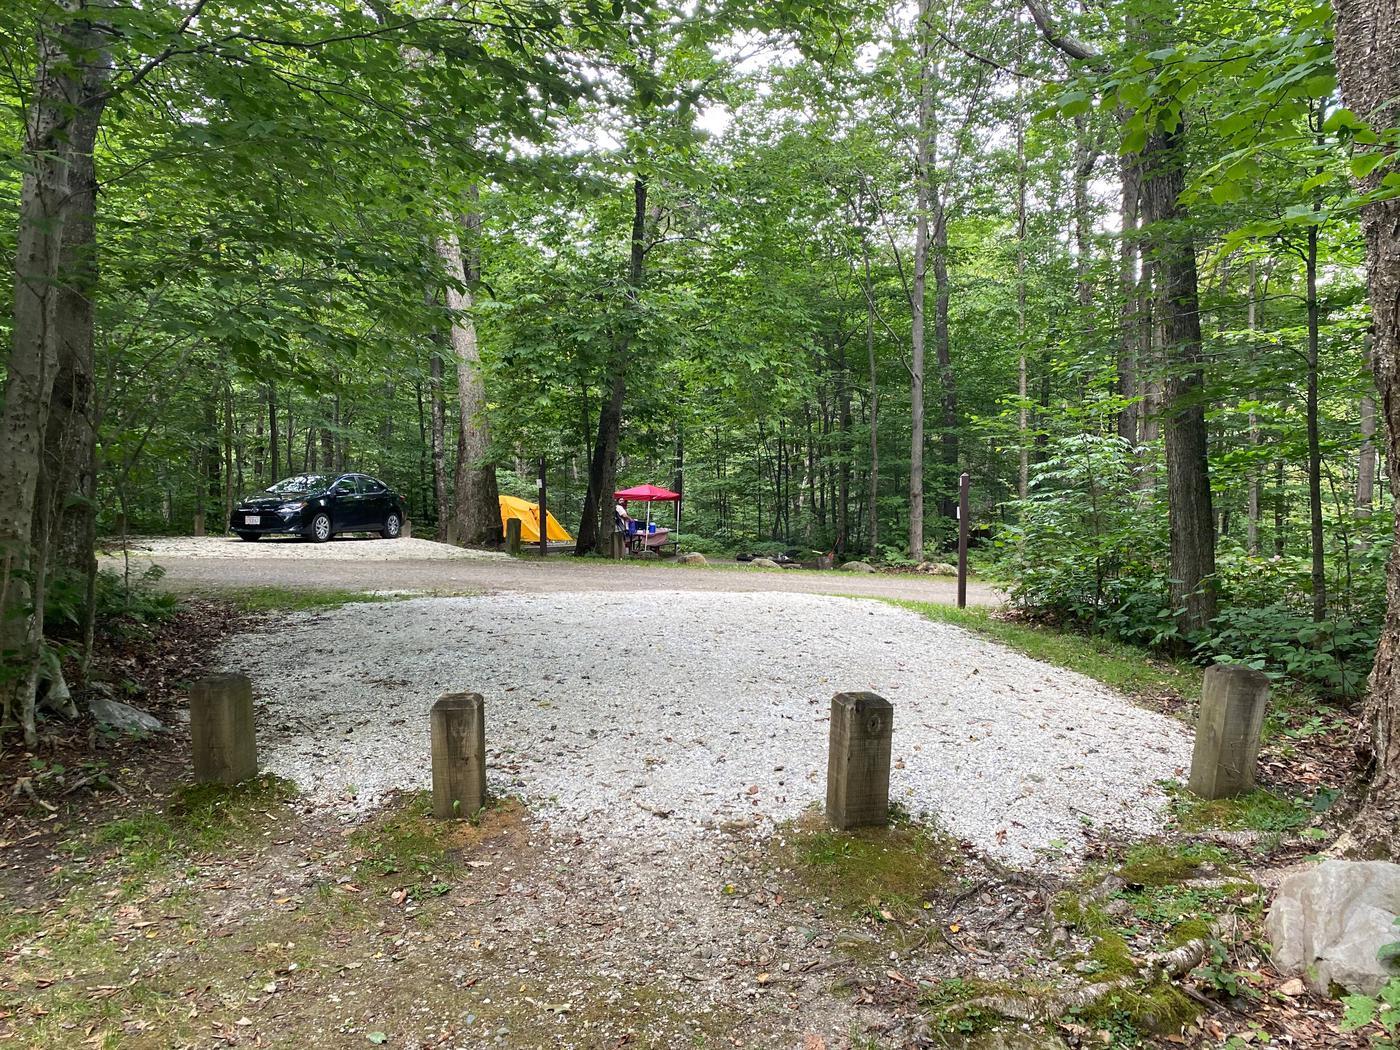 Campsite 10 parkingSite 10